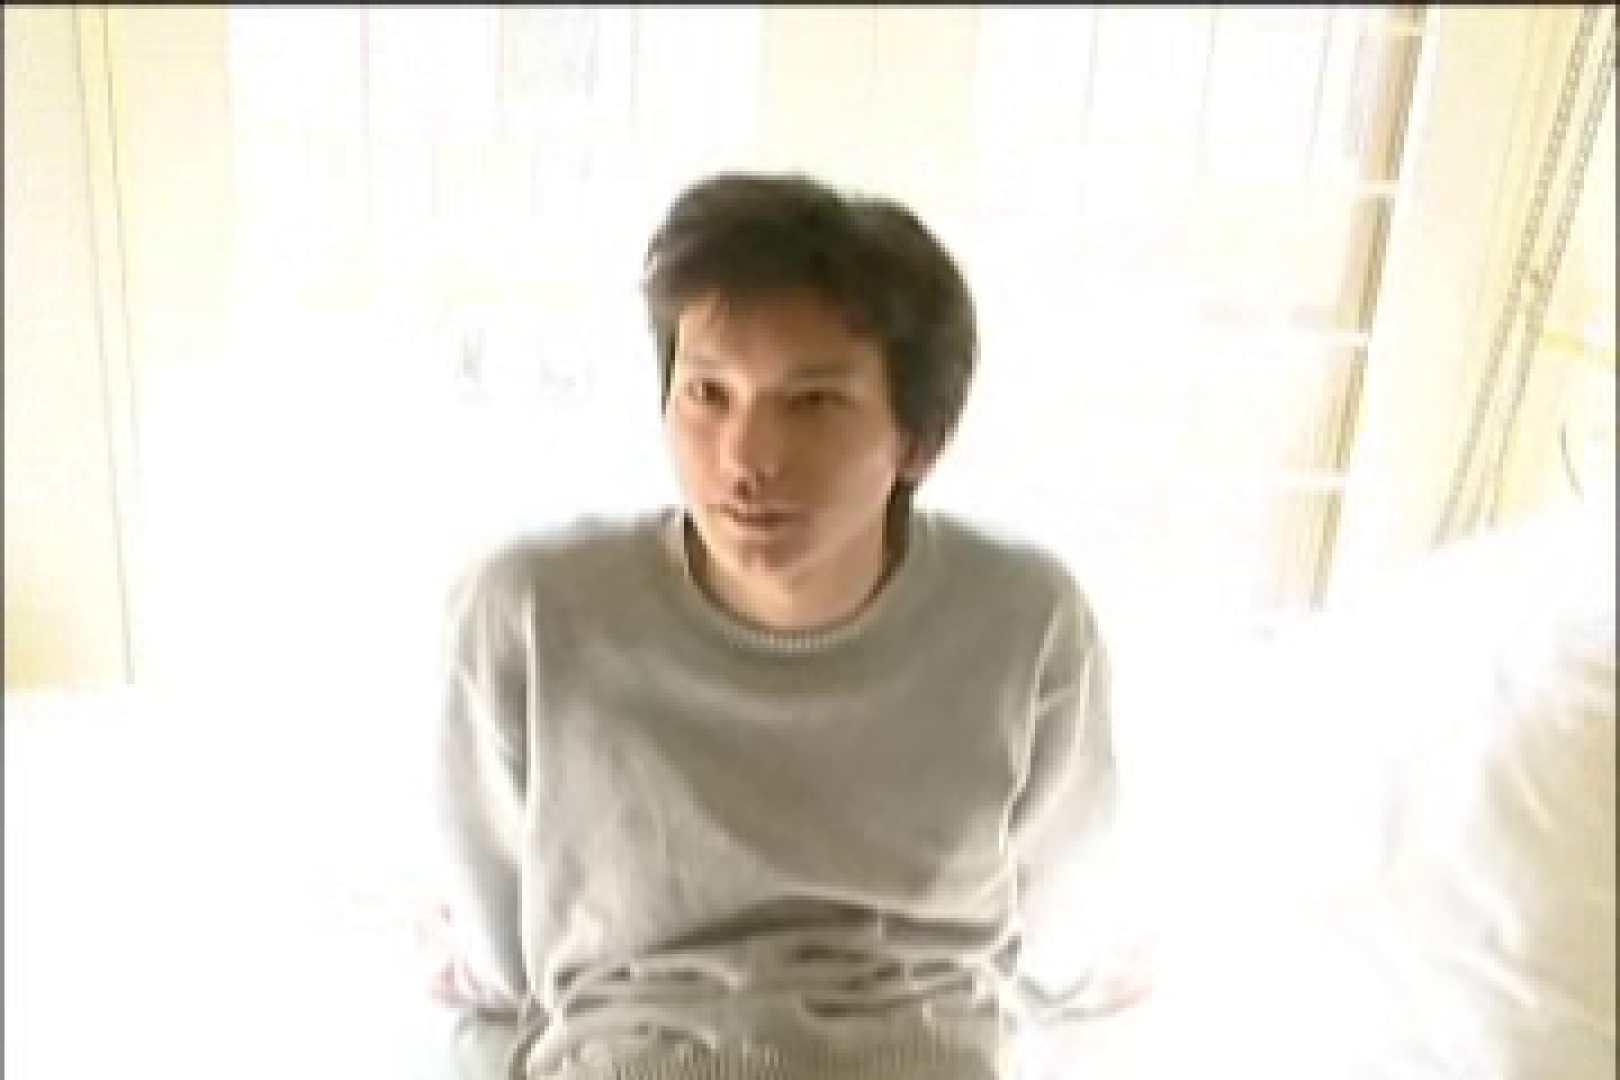 イケメン☆パラダイス〜男ざかりの君たちへ〜vol.26 イケメン特集 ゲイ流出動画キャプチャ 9枚 3